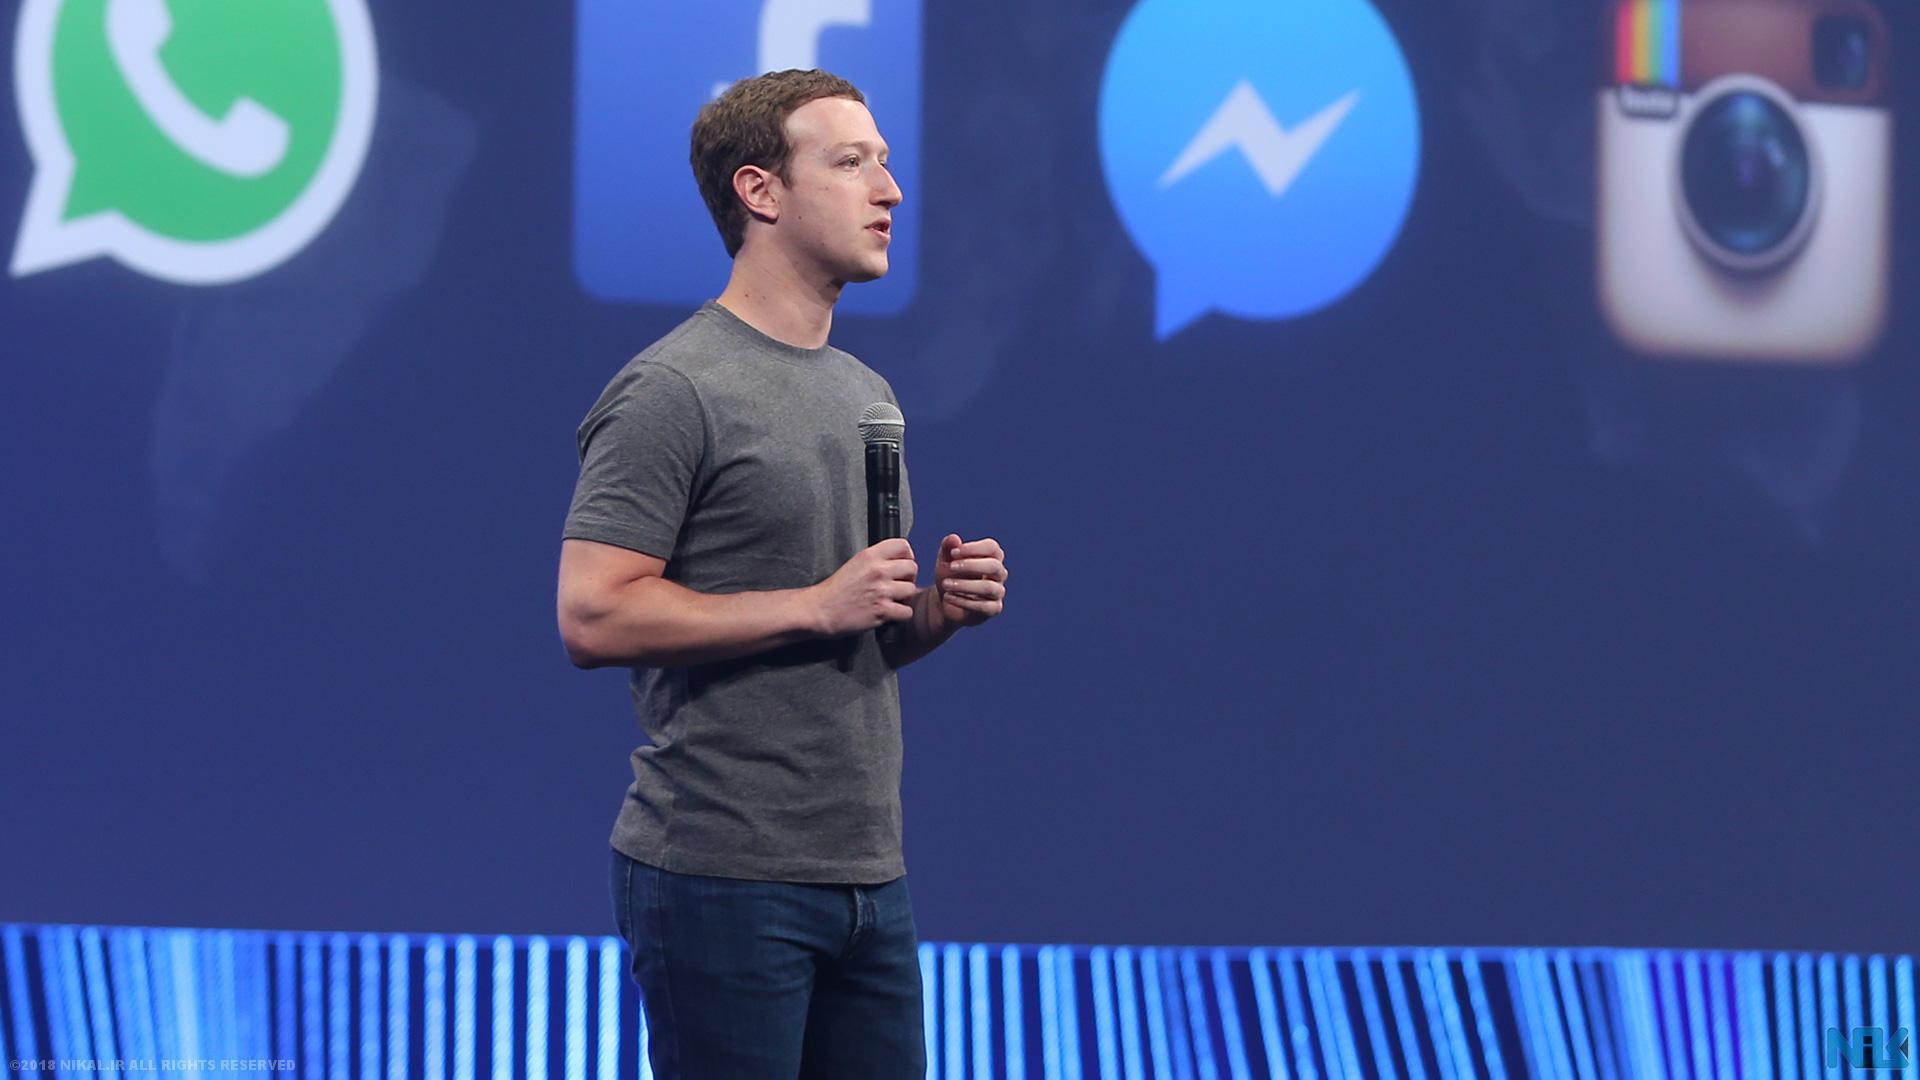 زاکربرگ فیسبوک را دو شقه میکند!